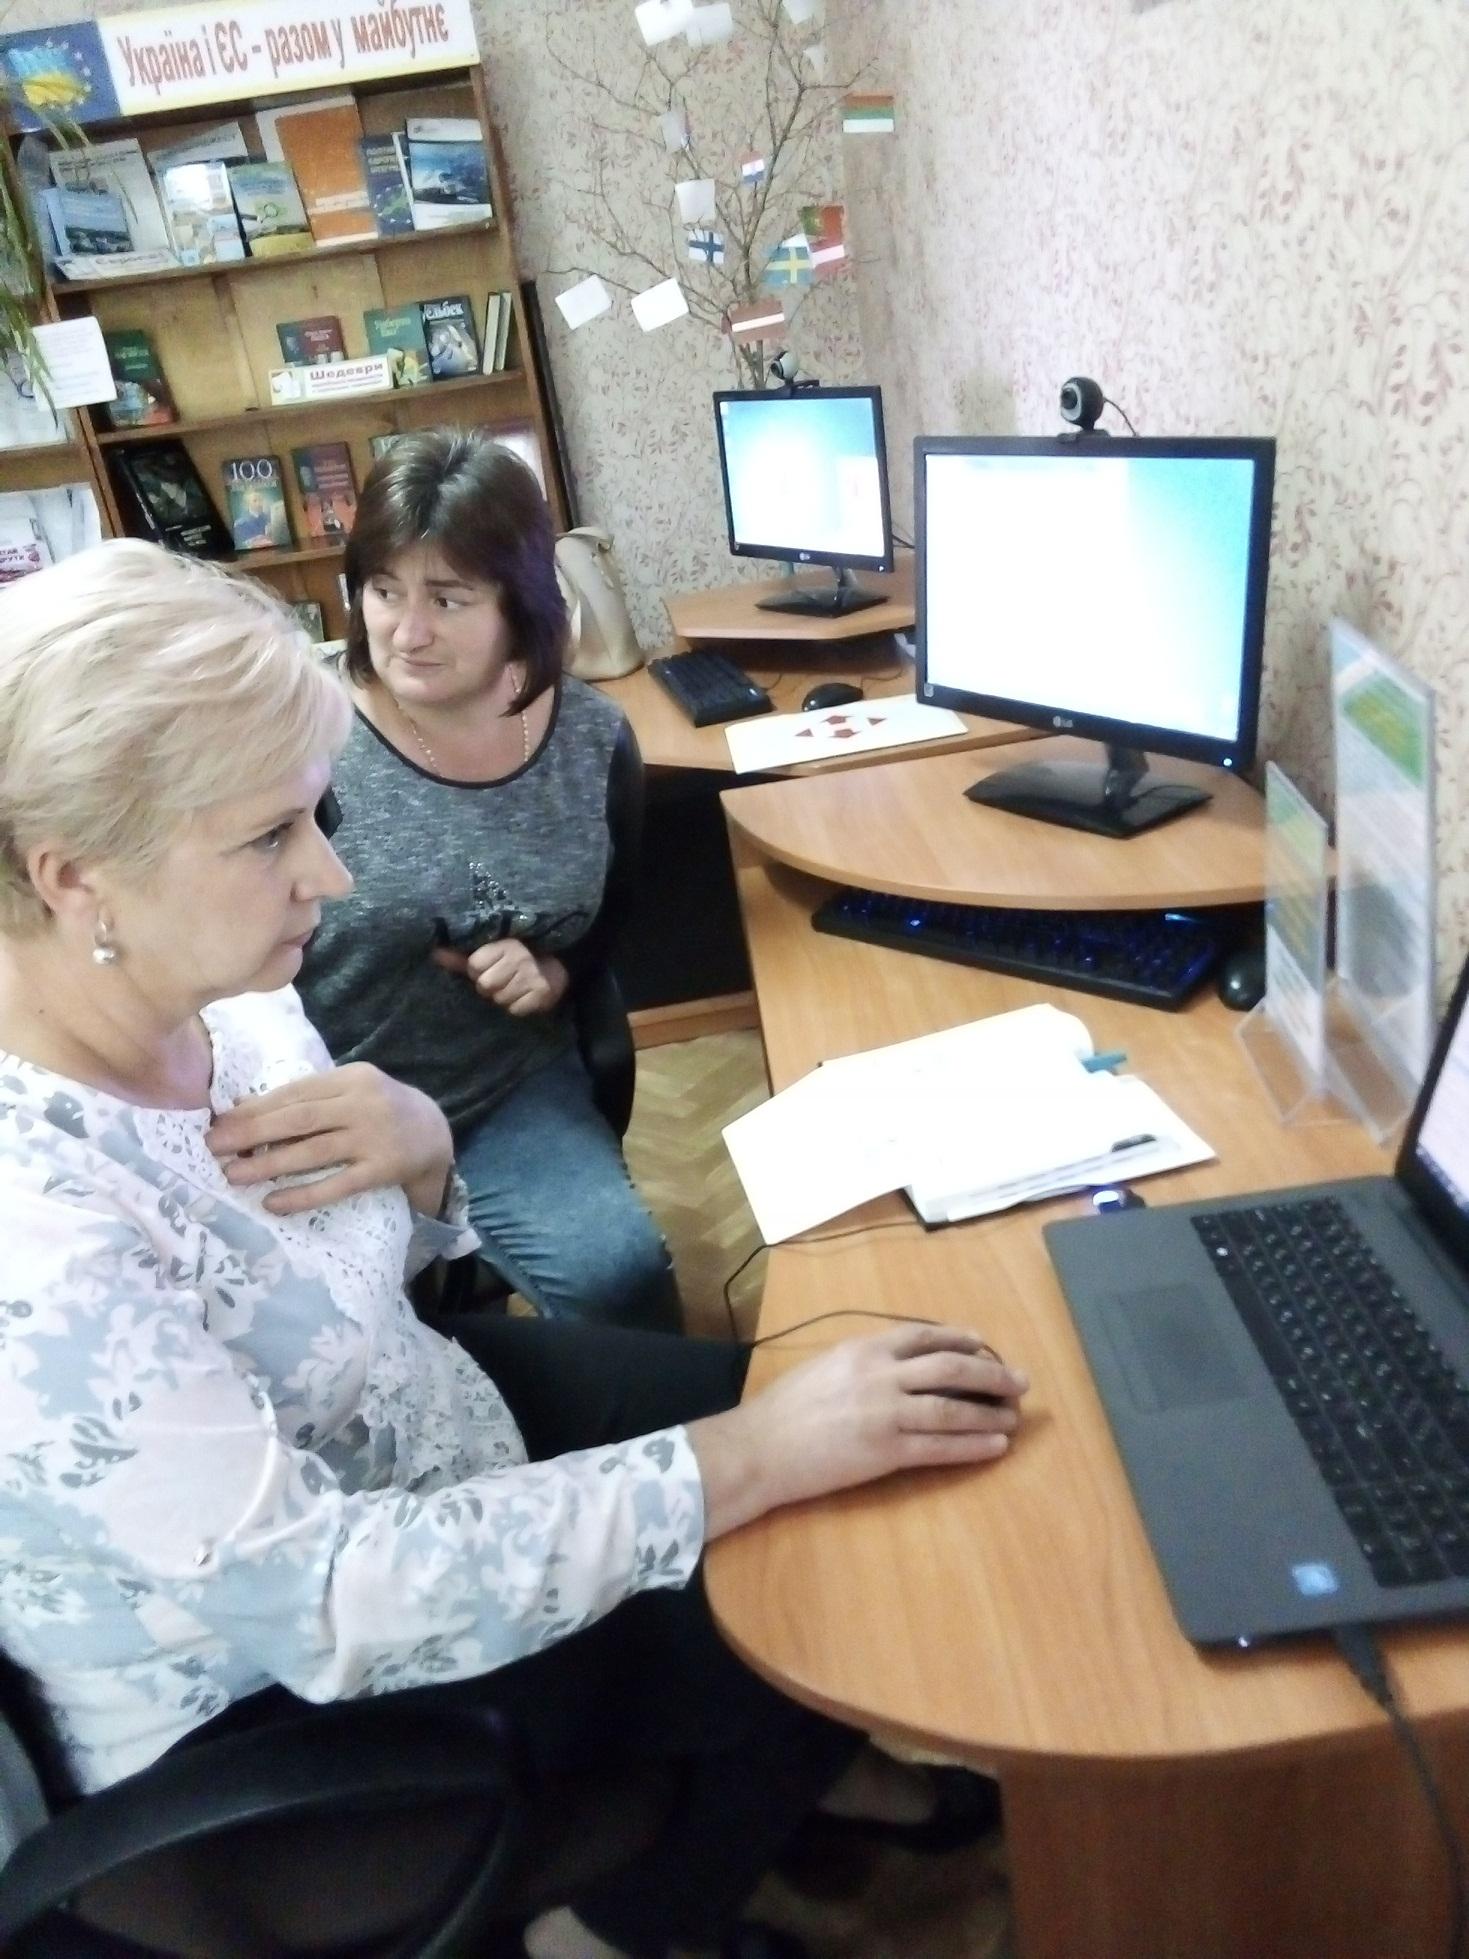 051119 - Тривають роз'яснення пенсійного законодавства мешканцям краю